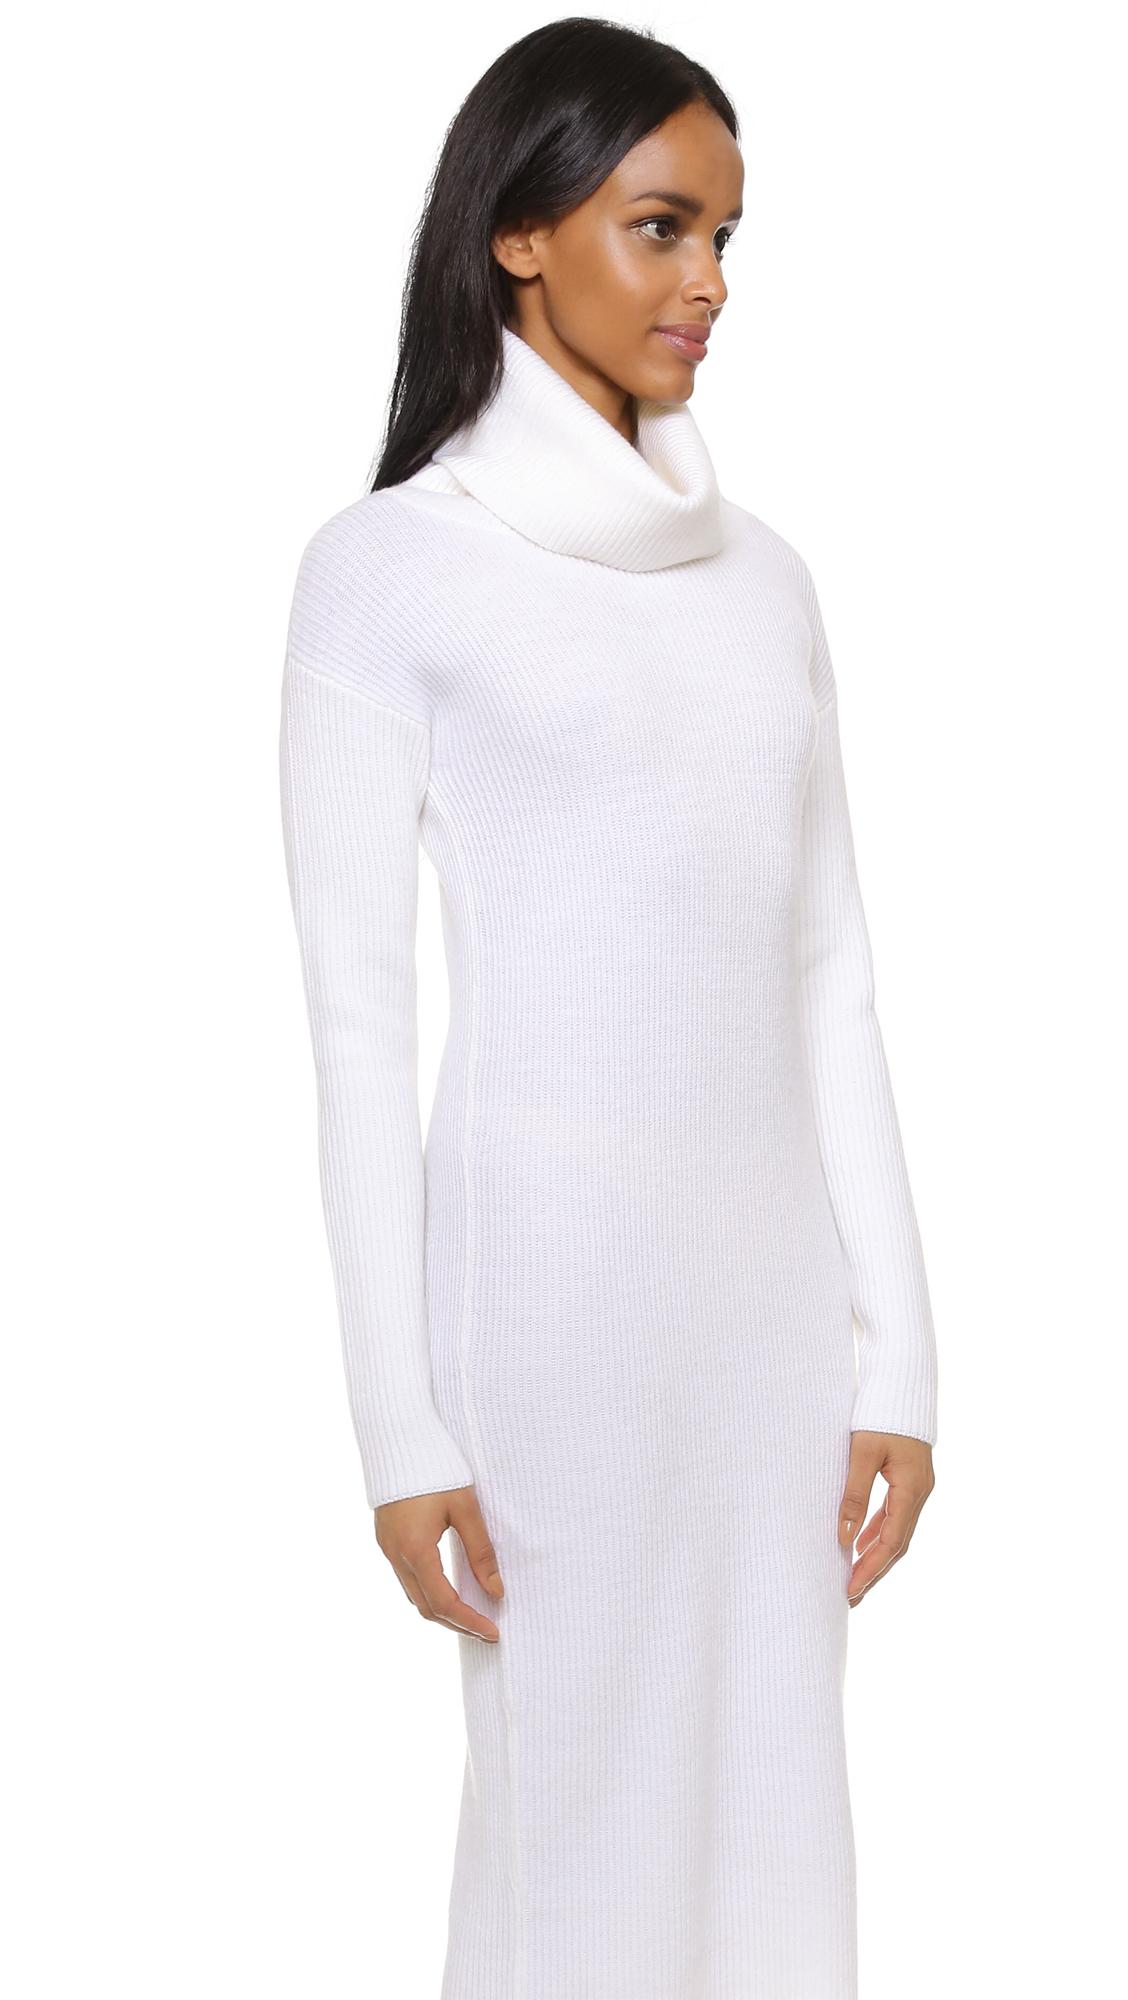 Dkny Long Sleeve Turtleneck Dress in White | Lyst